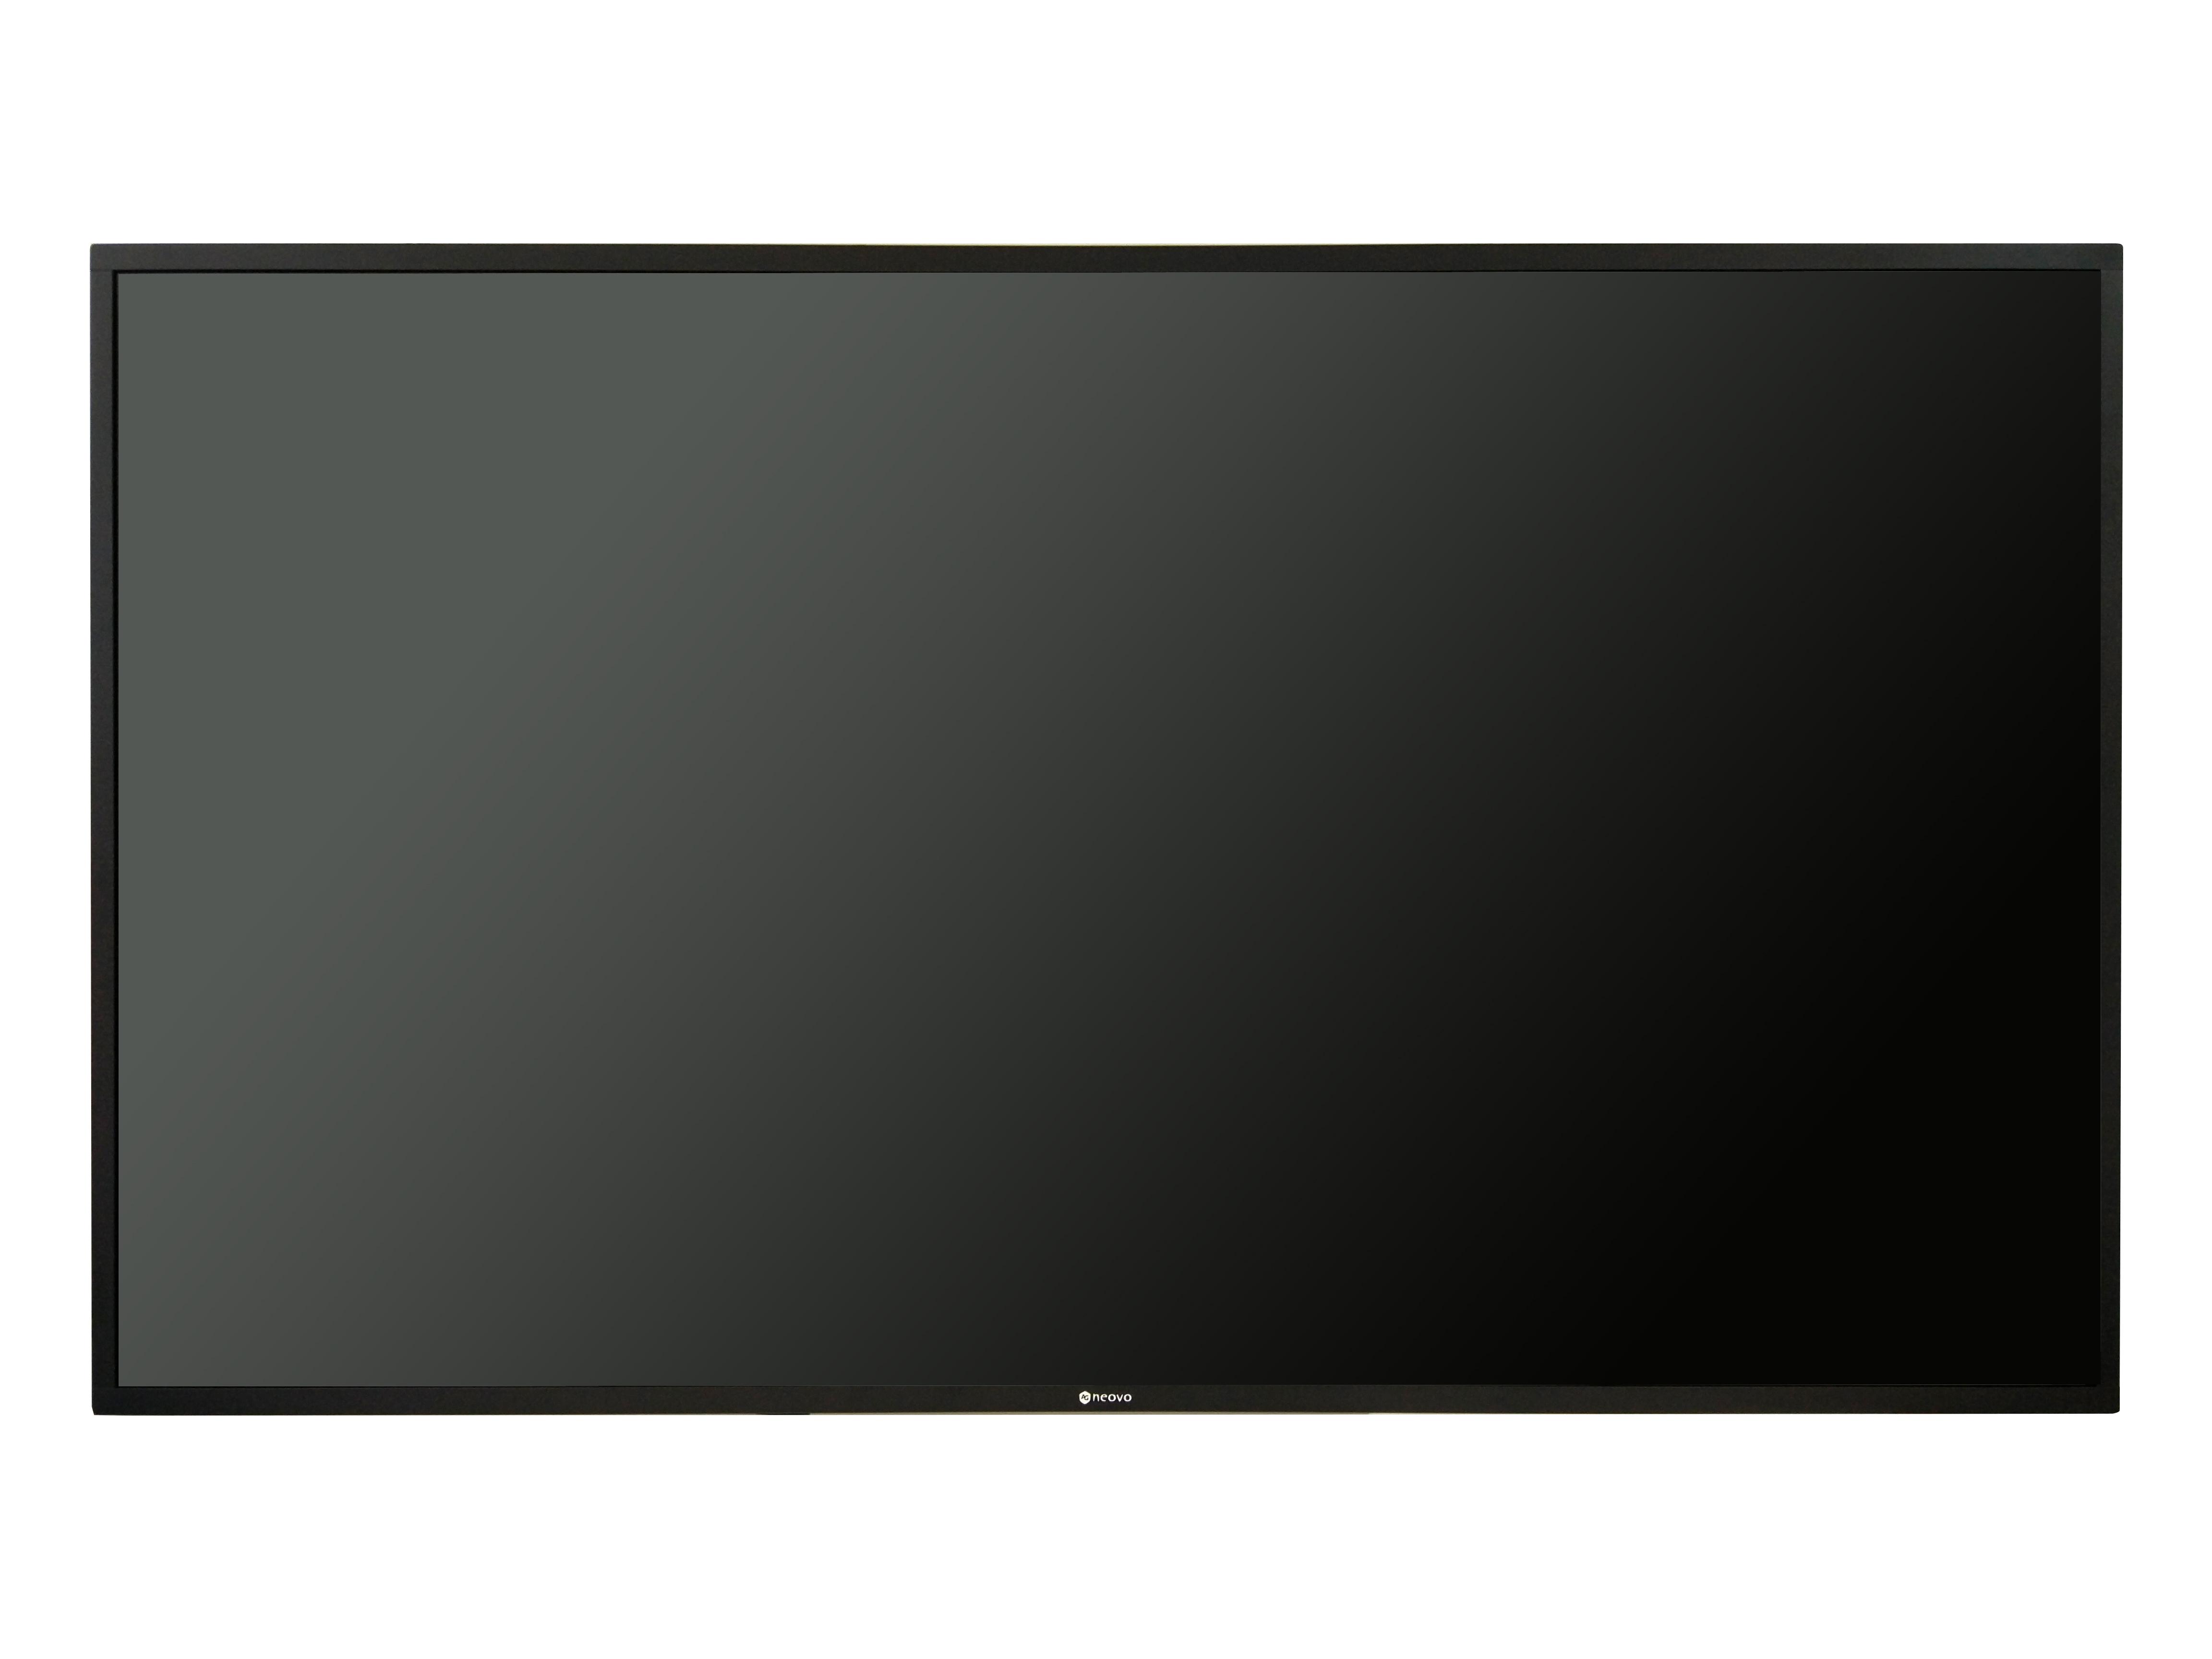 QD-75_front